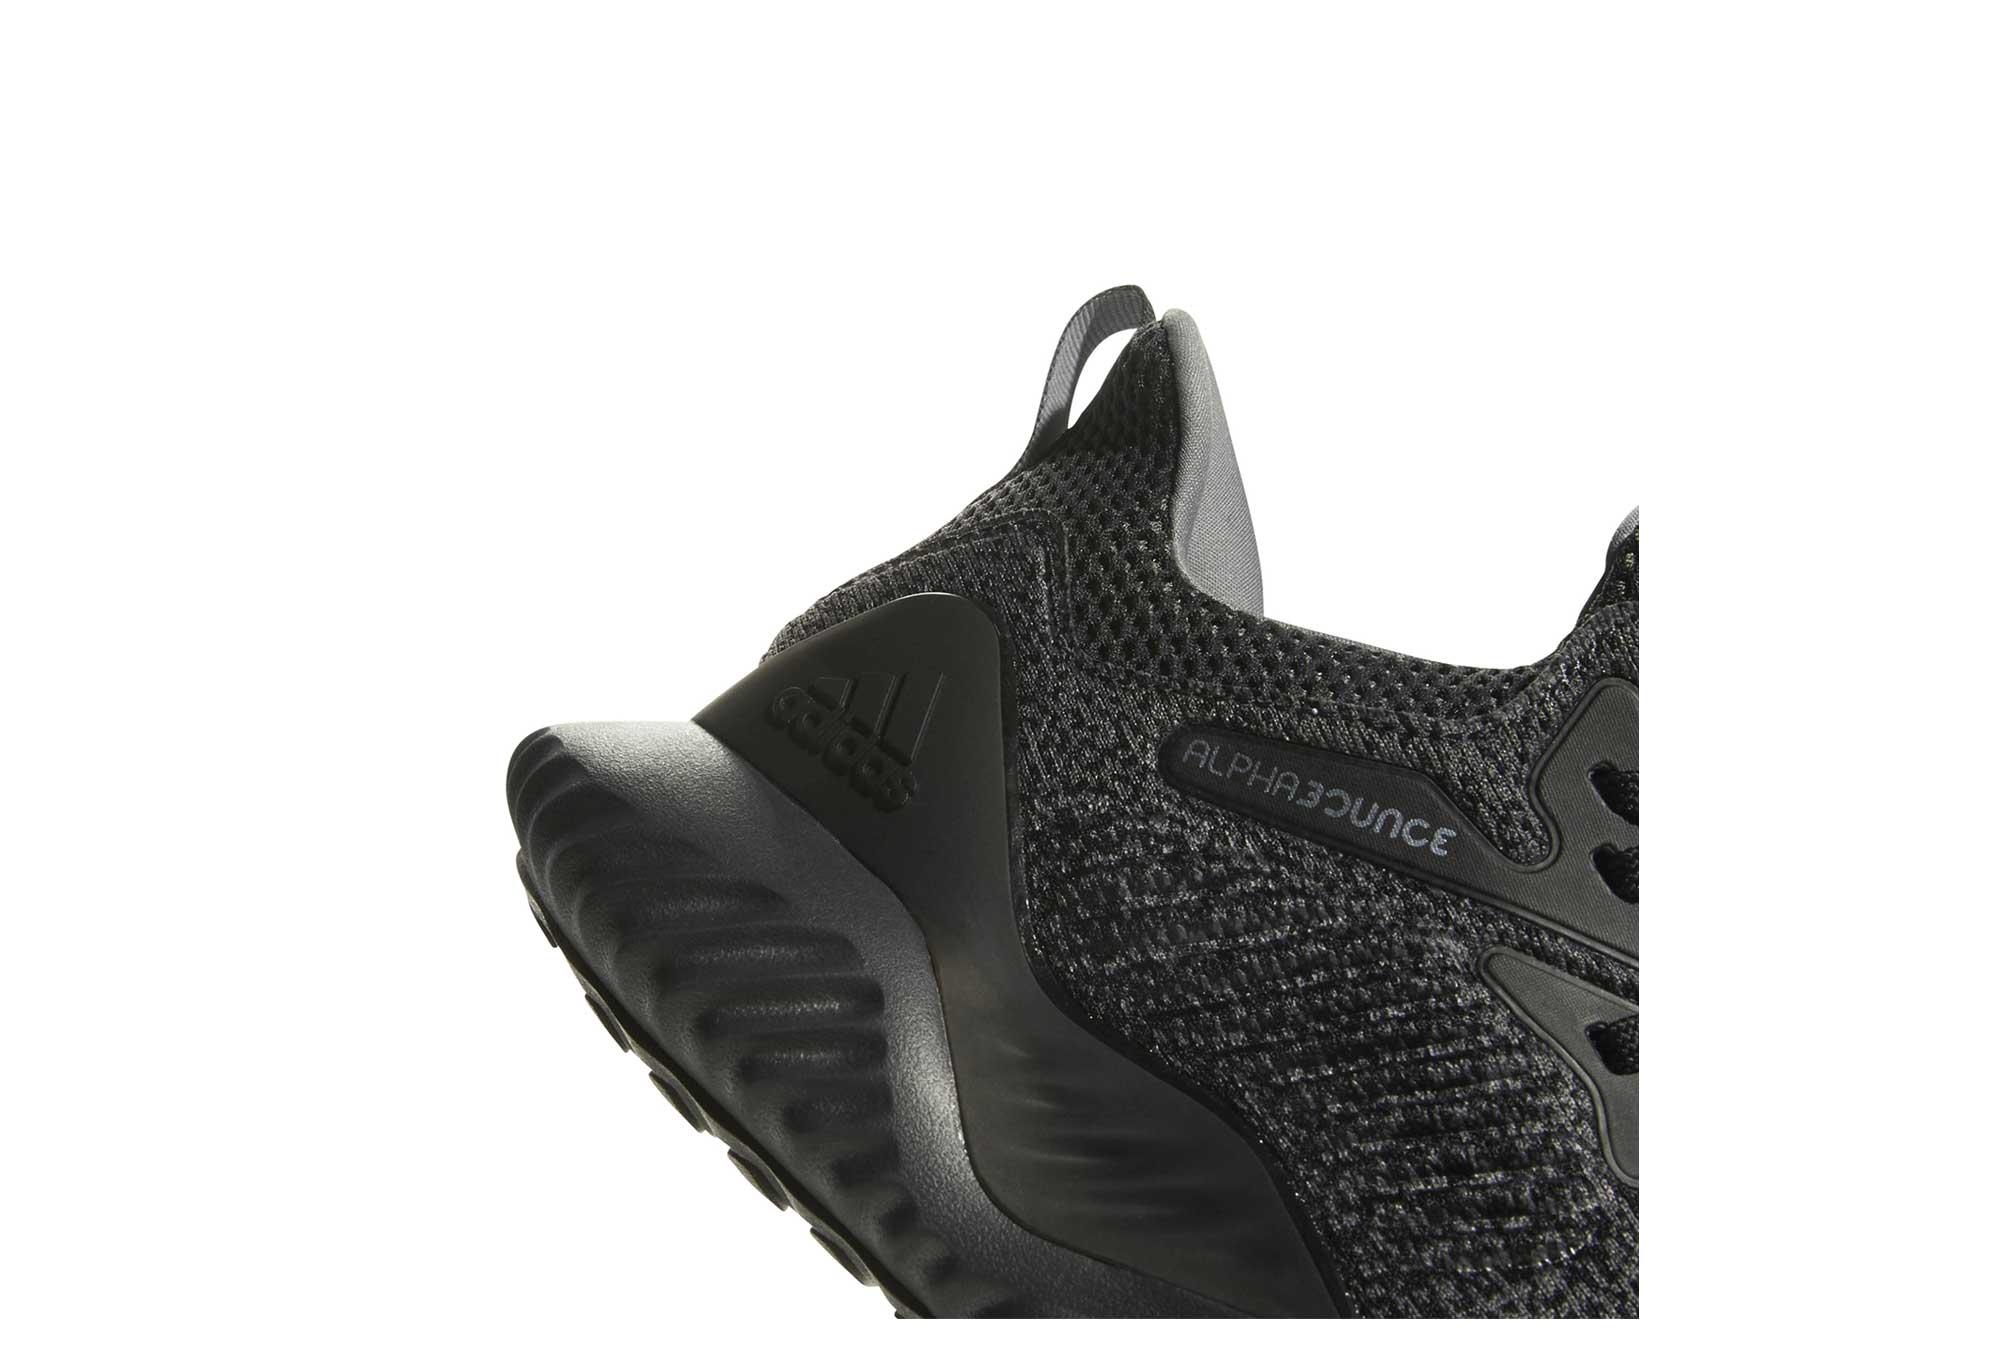 Chaussures de Running adidas running Alphabounce Beyond Noir Gris